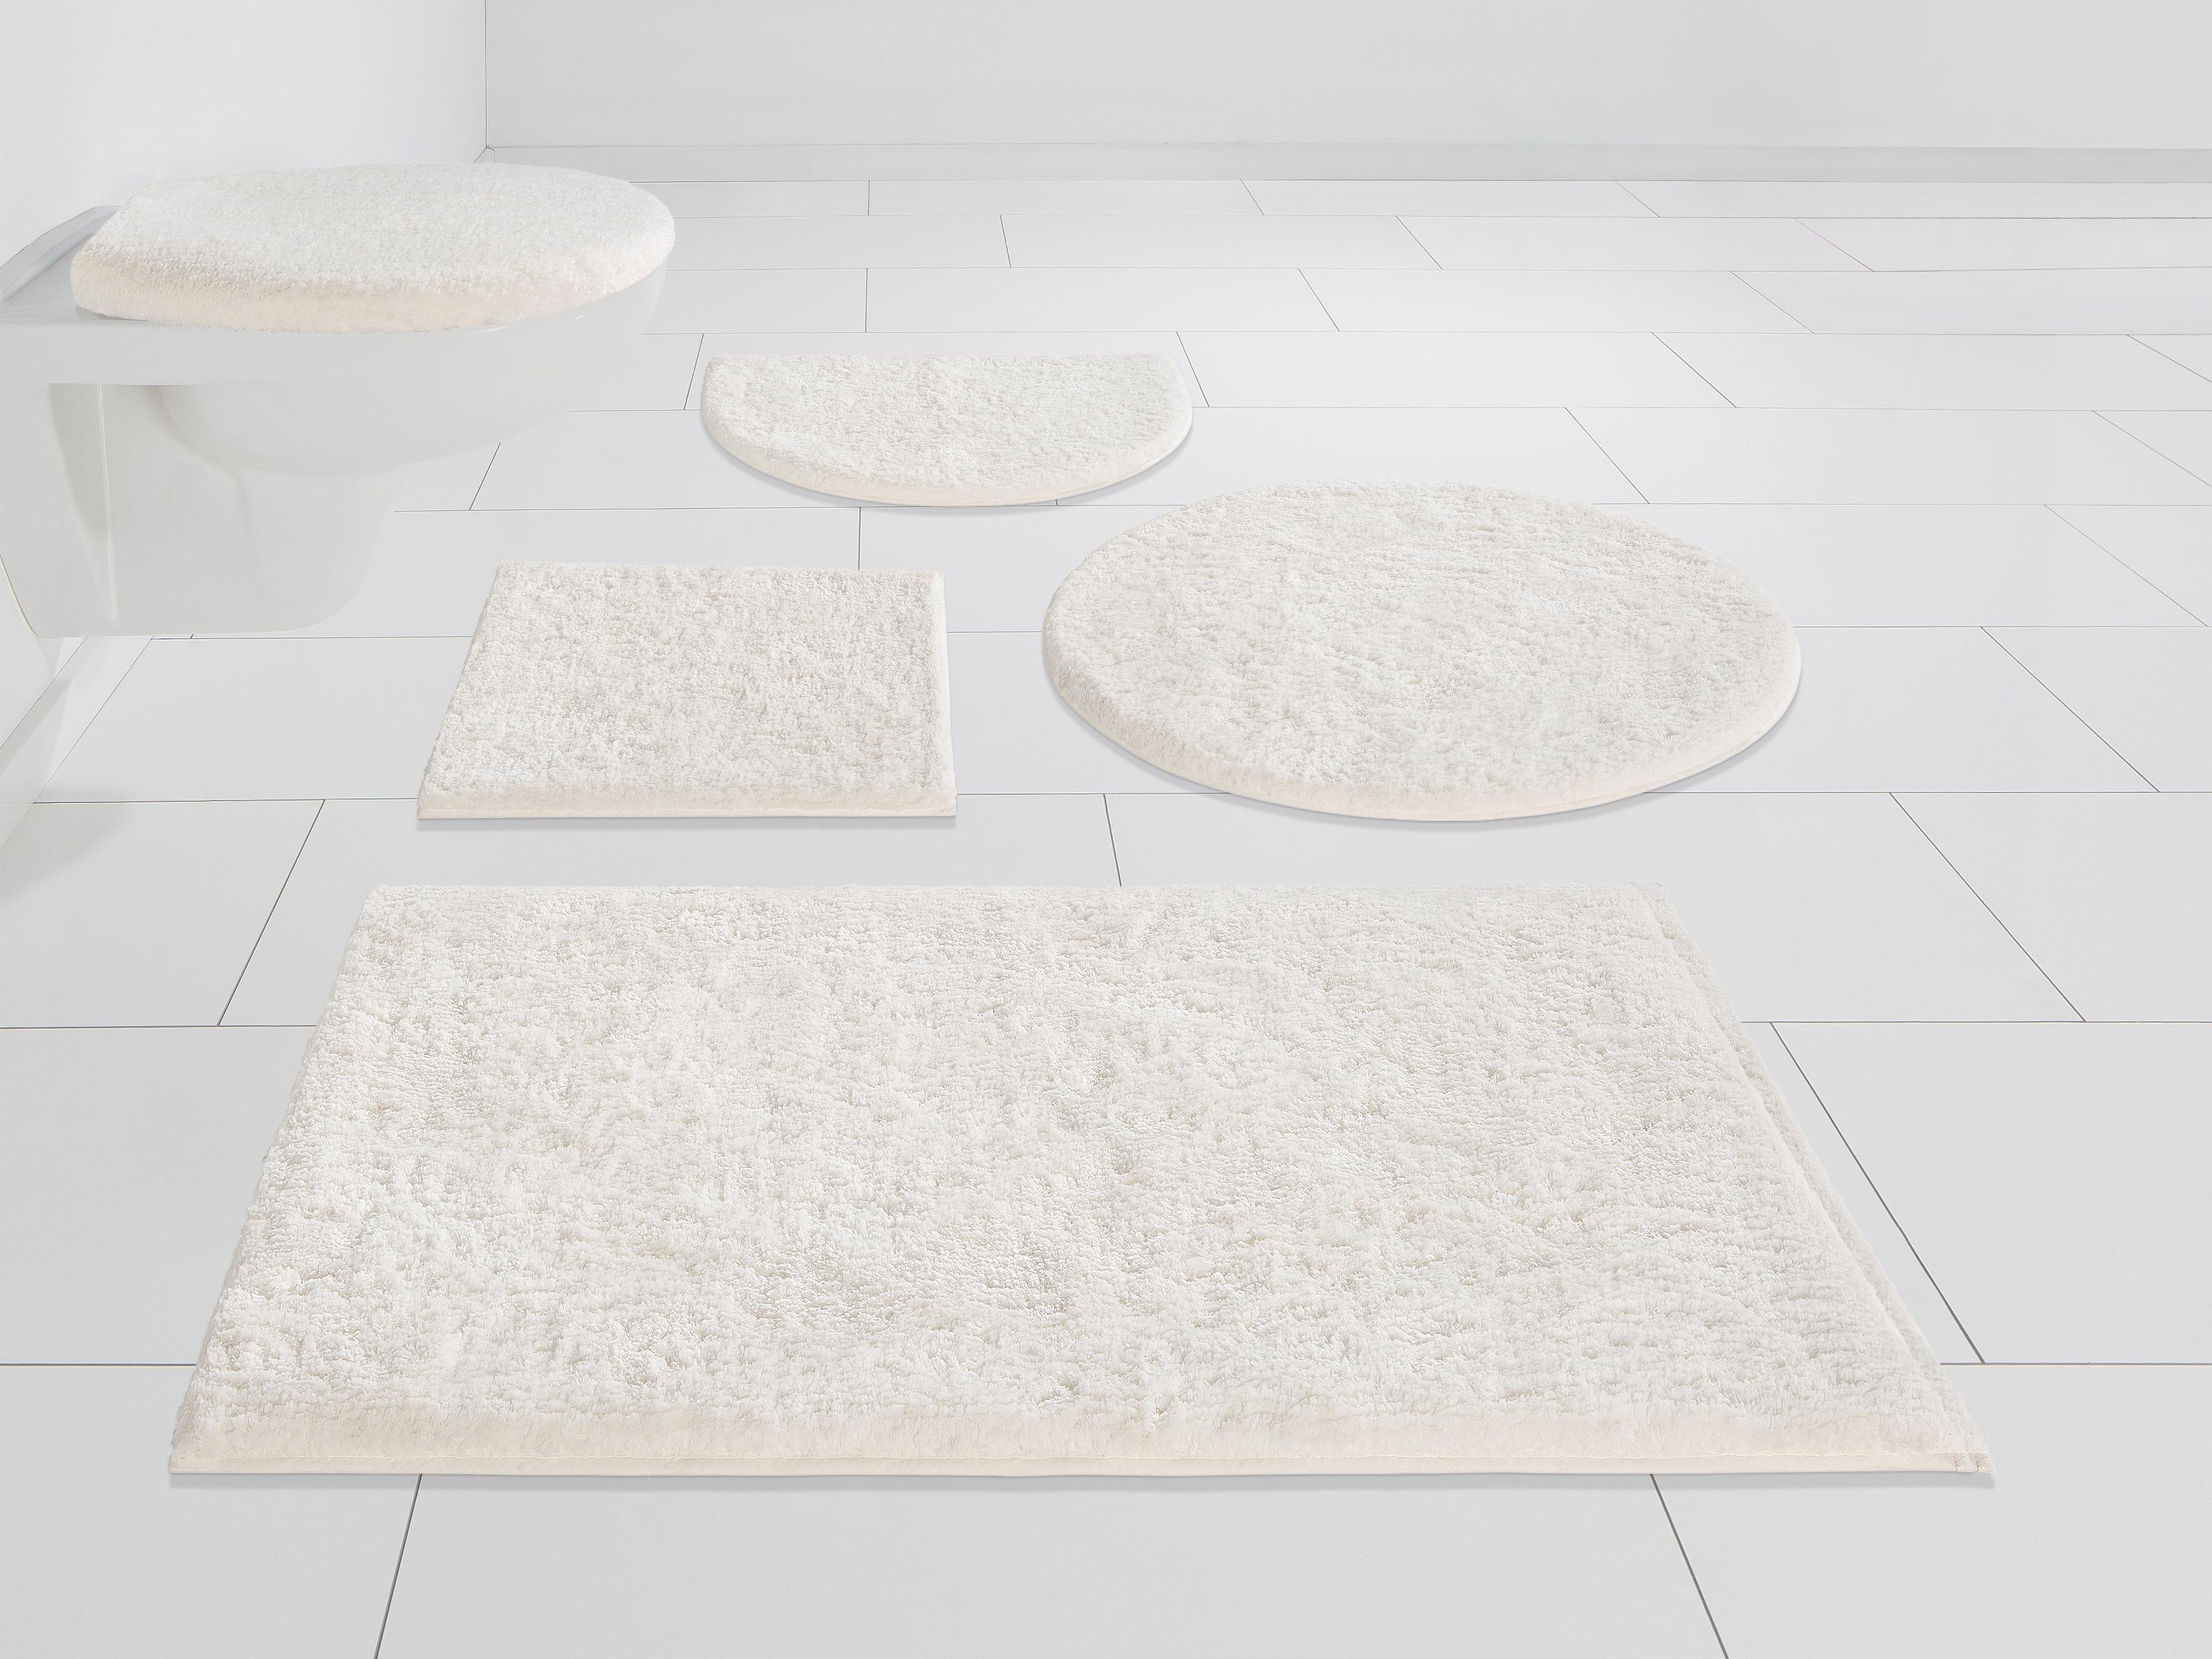 my home Badmat »Jos«, hoogte 15 mm, geschikt voor vloerverwarming, sneldrogend, slijtvast bestellen: 30 dagen bedenktijd